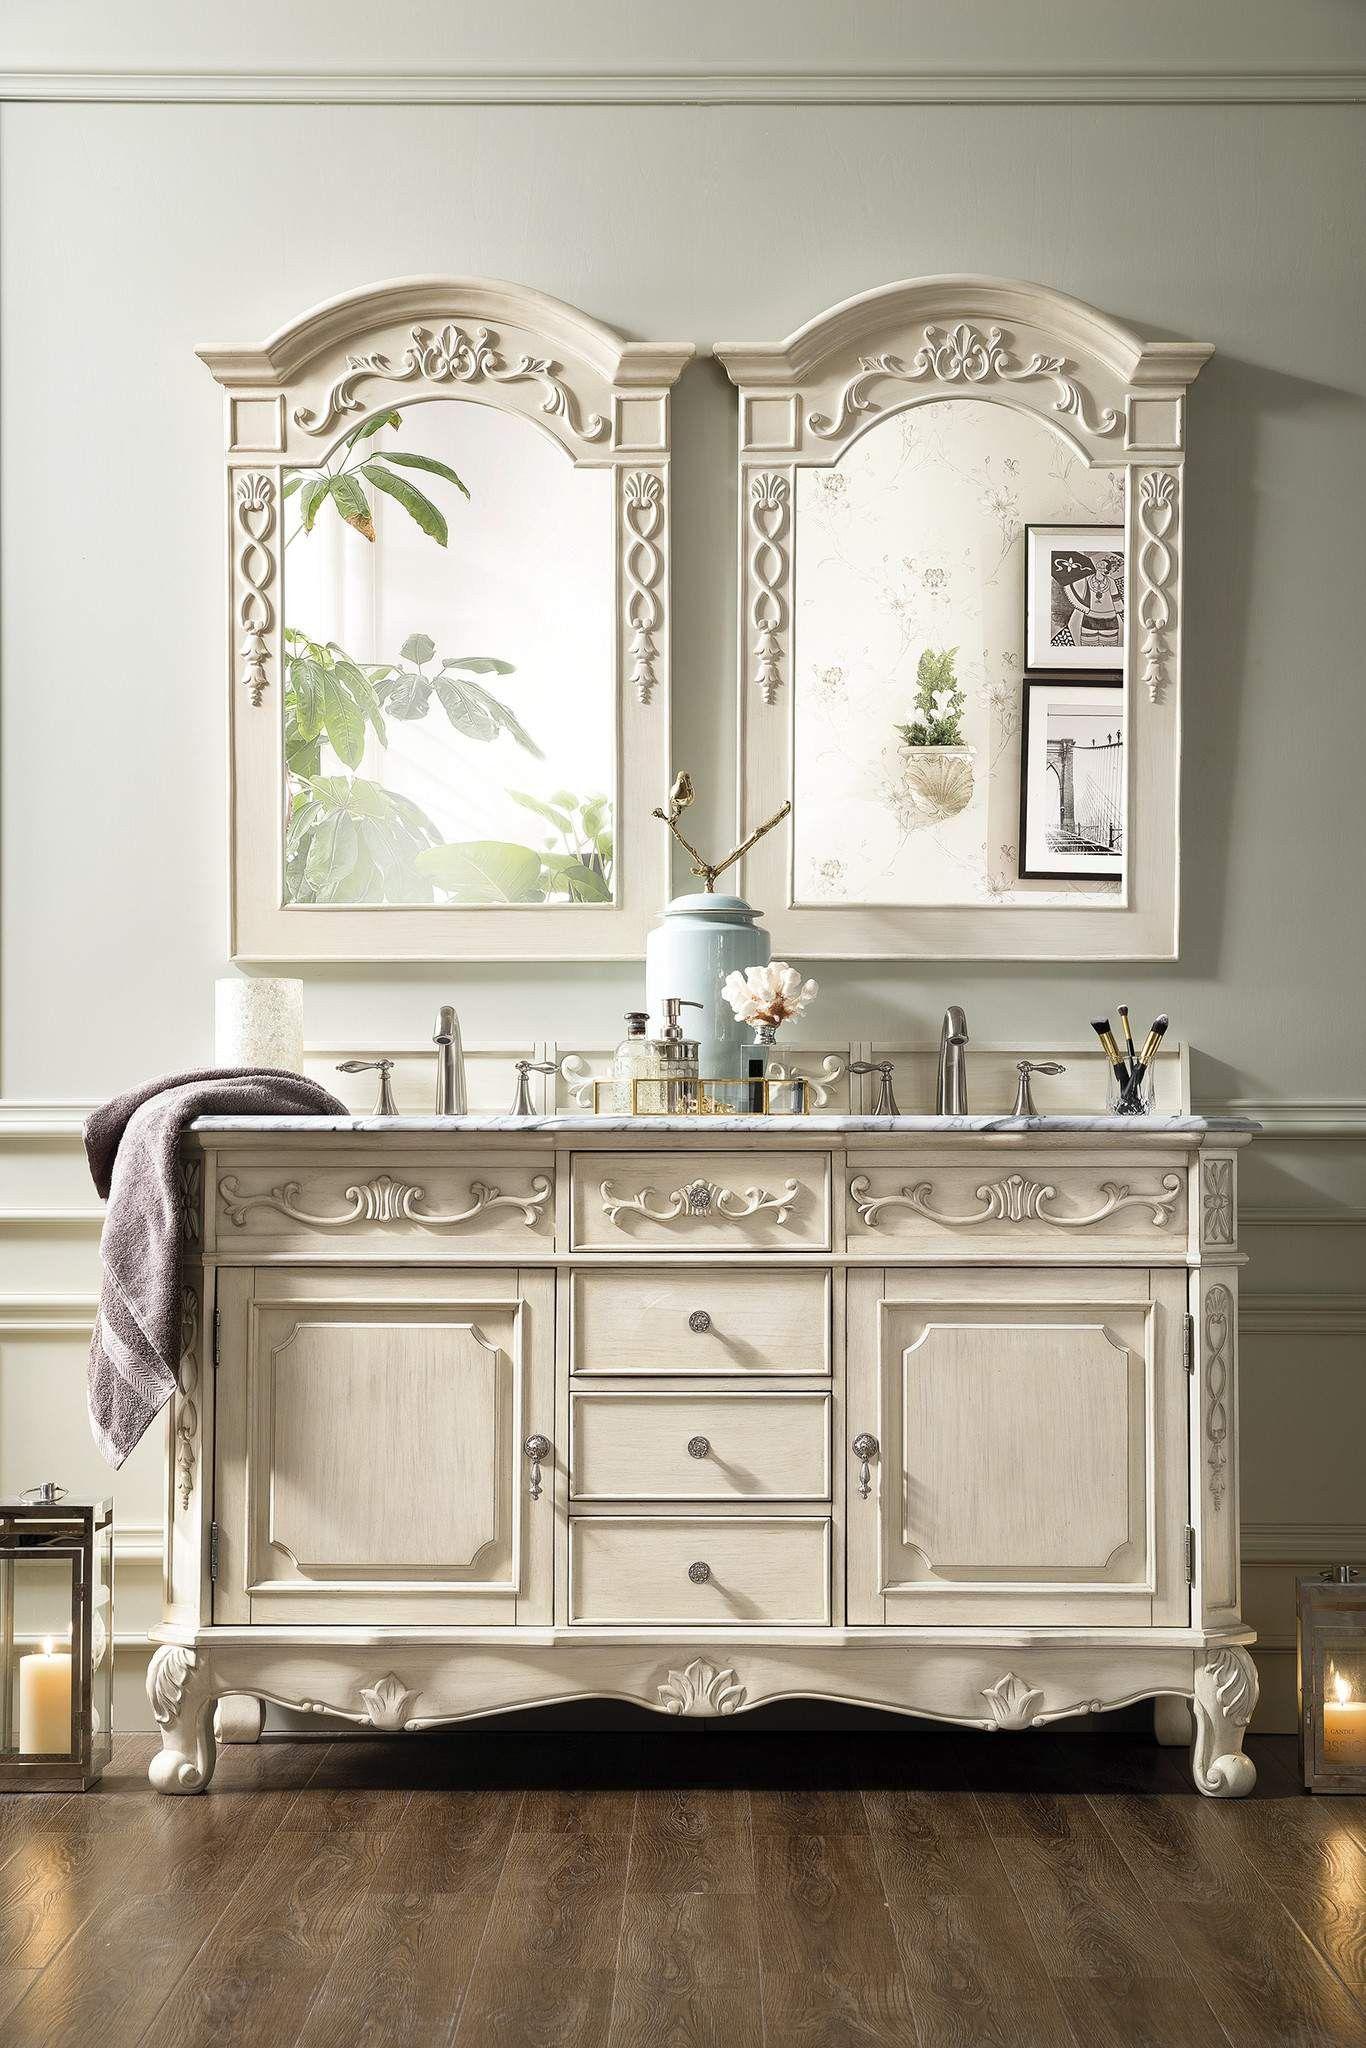 Costa Blanca 60 Double Vanity Vintage Vanilla Shabby Chic Bathroom Chic Bathrooms Double Vanity Bathroom [ 2048 x 1366 Pixel ]